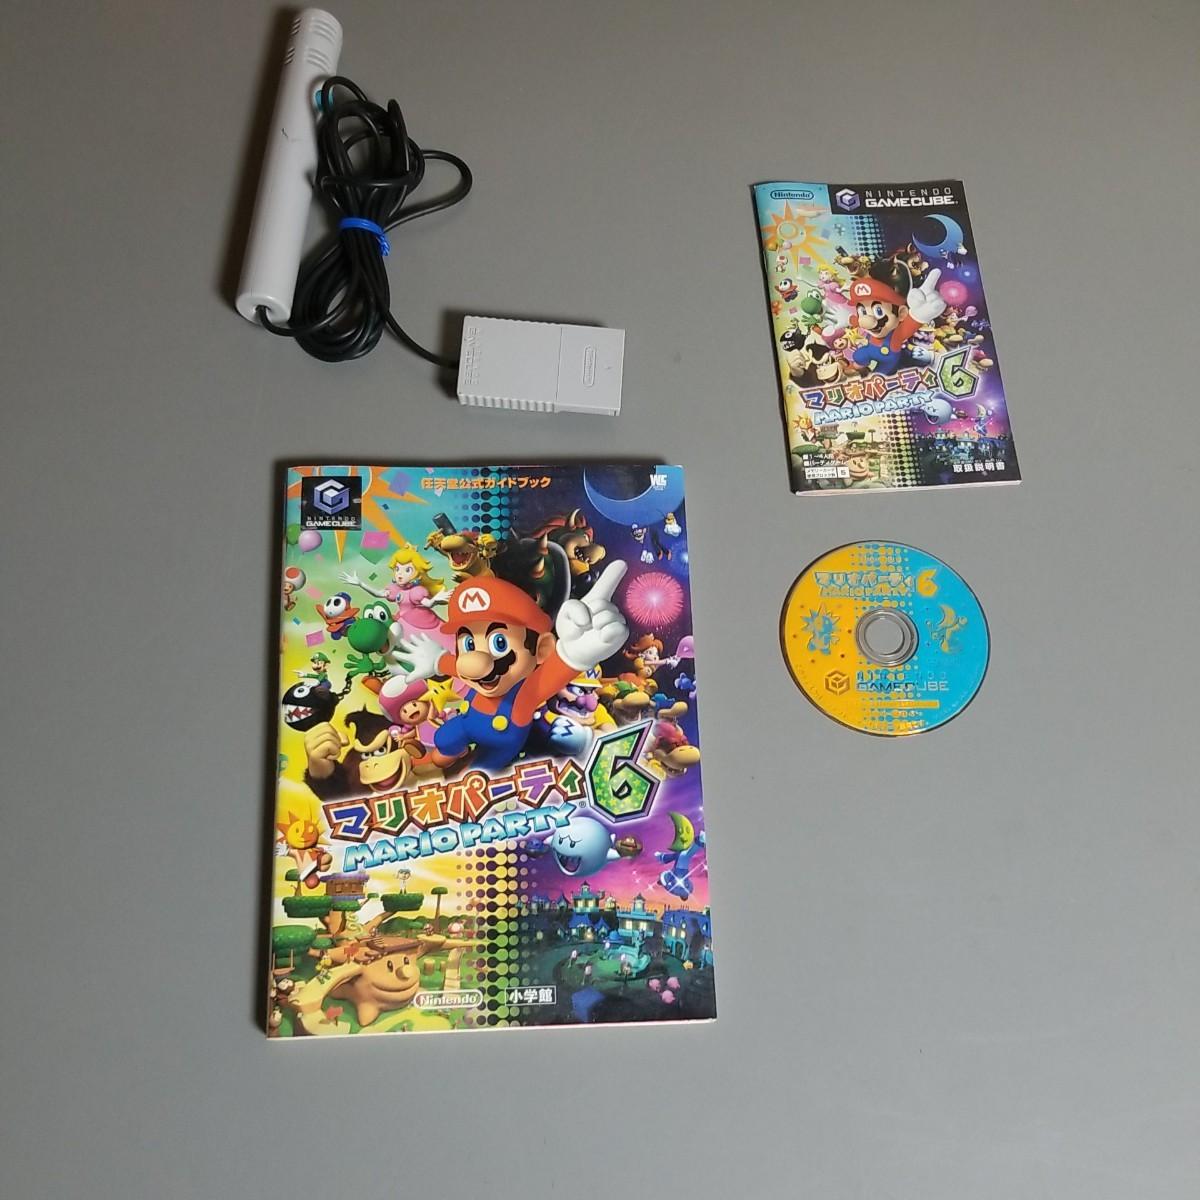 ゲームキューブ兼wii用マリオパーティー6と攻略本と専用マイク付送料込